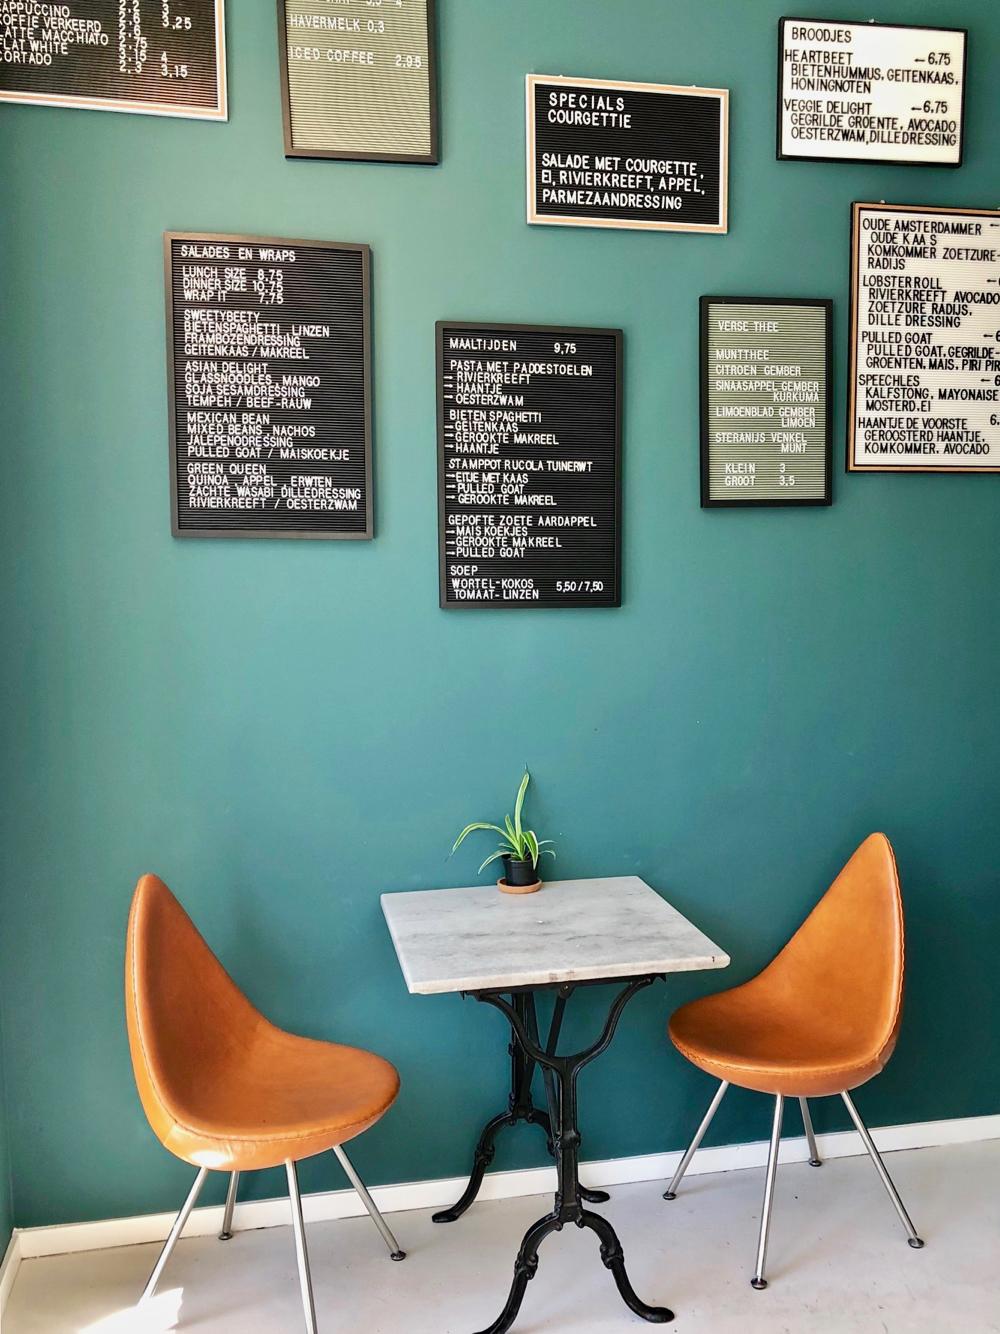 Wandje met menukaarten bij Eetwinkel Stroom